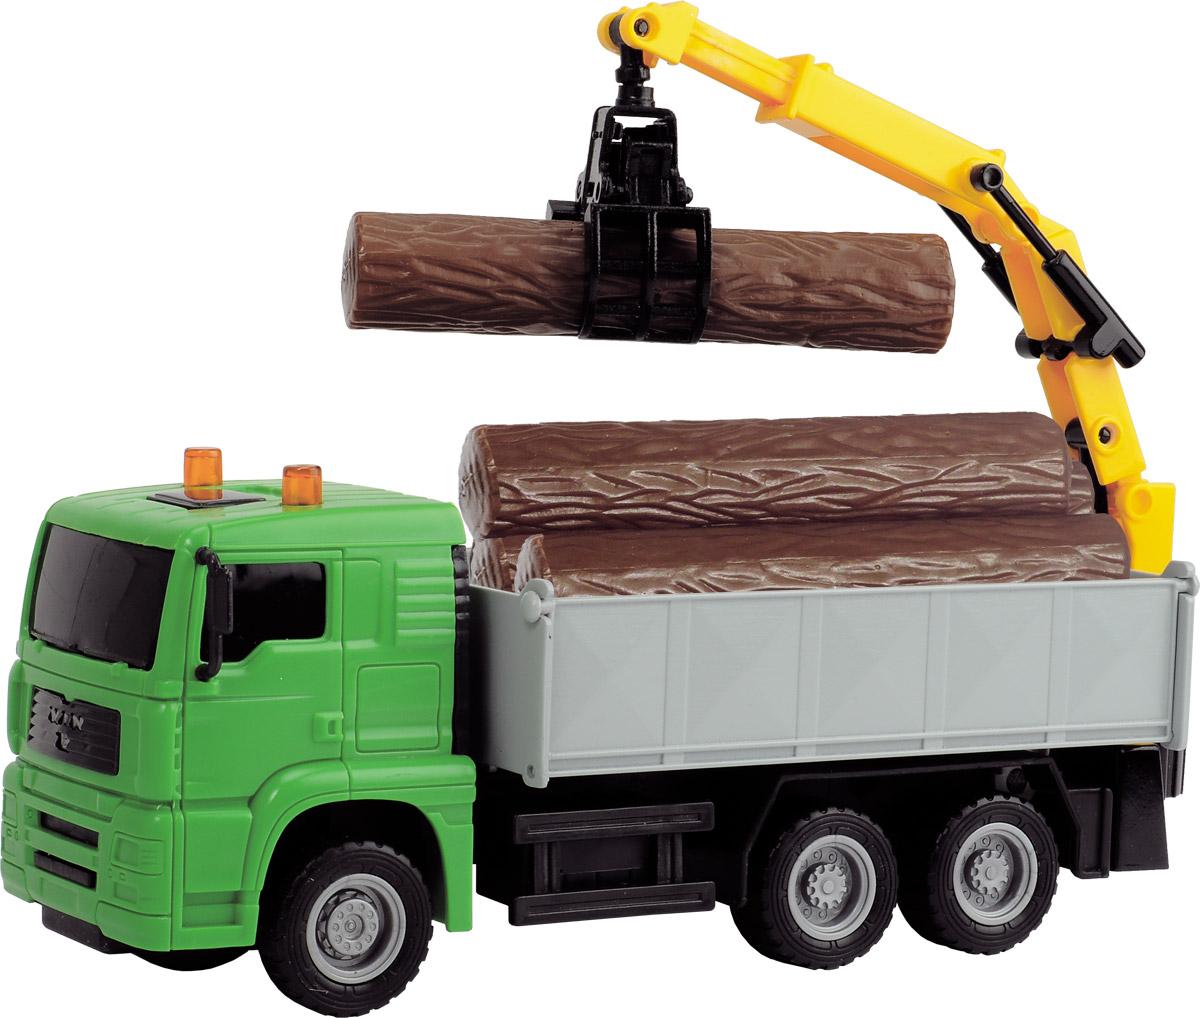 Dickie Toys Автокран Heavy City Truck цвет зеленый3744003_зеленый, 203744003 SIRАвтокран Dickie Toys - интересная машина для ребенка, который увлекается игровой спецтехникой. Машина имеет фрикционный ход движения и поворотную башню крана. Большие ребристые колеса имеют хорошее сцепление с любой поверхностью. Стрела крана раздвигается, а ковш может захватывать груз. В комплекте: дорожные знаки и груз в виде бревен. Играя с такой машинкой ребенок развивает фантазию, пространственное мышление и адаптируется через игру к окружающему миру.